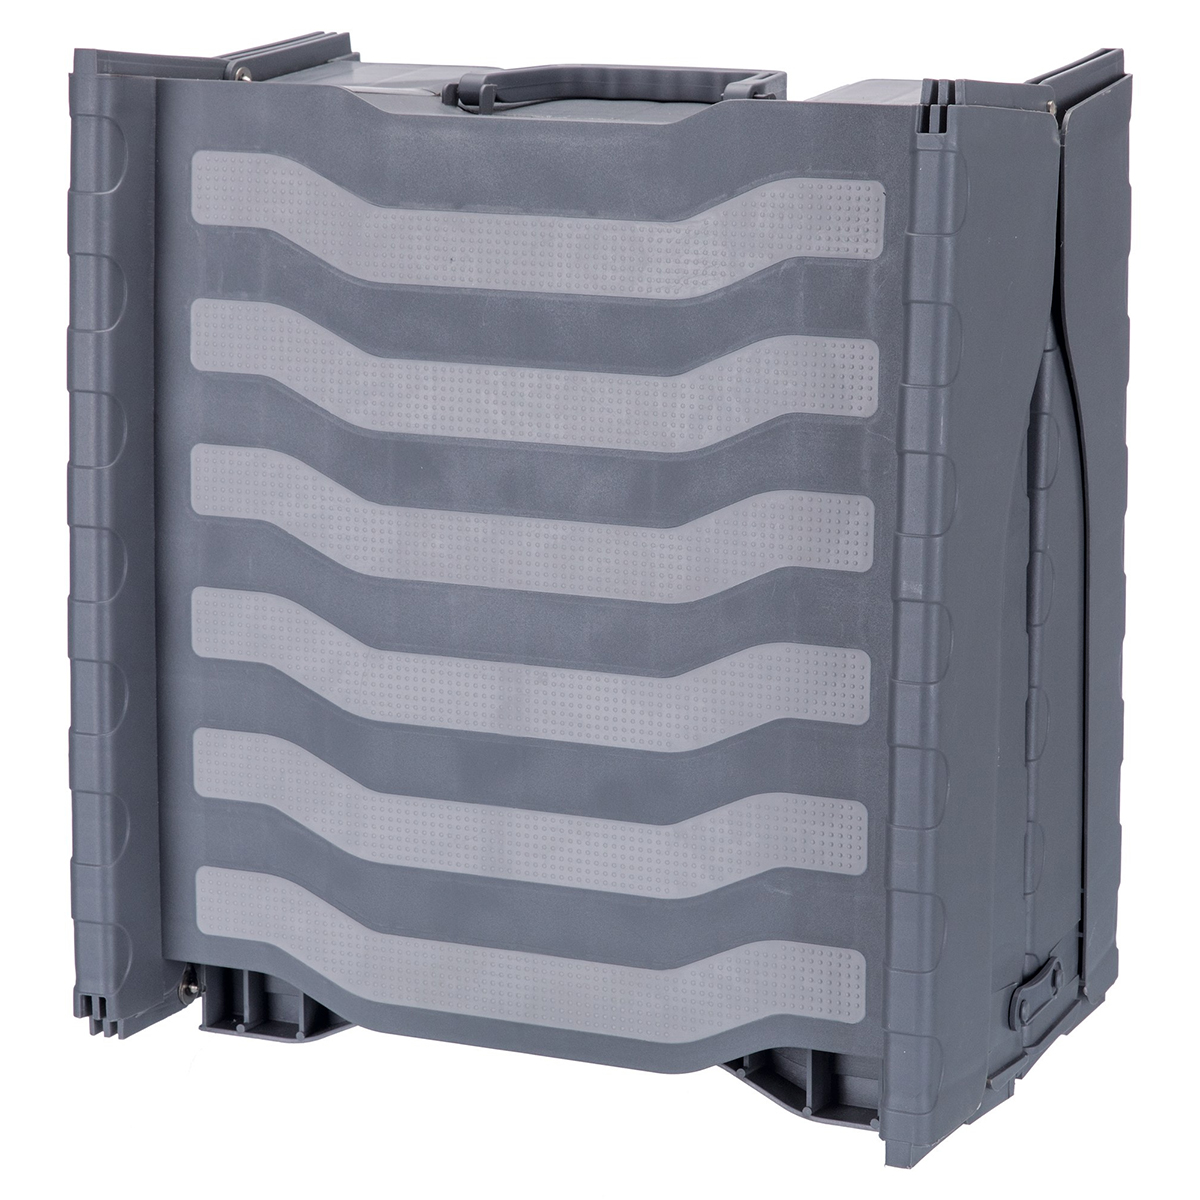 trixie petwalk klapprampe 3 fach klappbar kaufen bei zooroyal. Black Bedroom Furniture Sets. Home Design Ideas